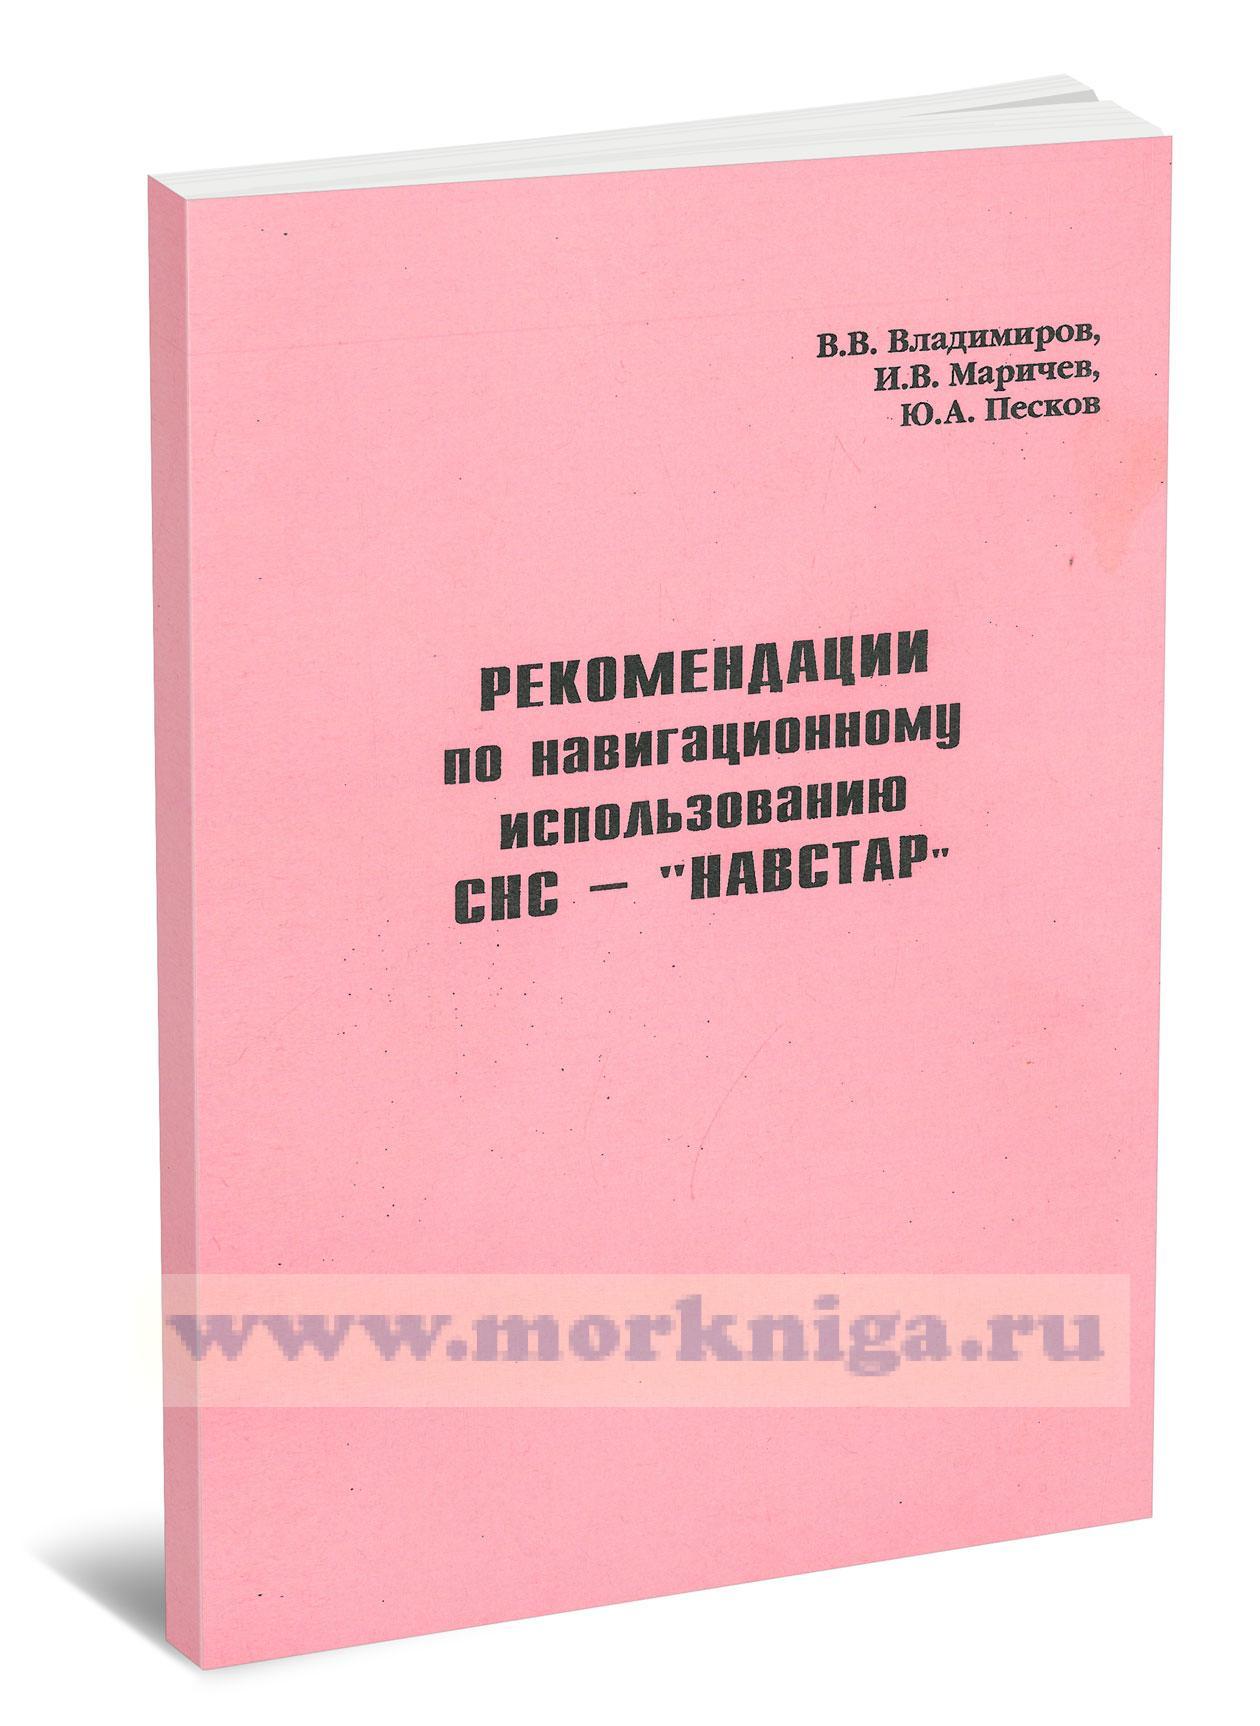 Рекомендации по навигационному использованию СНС -